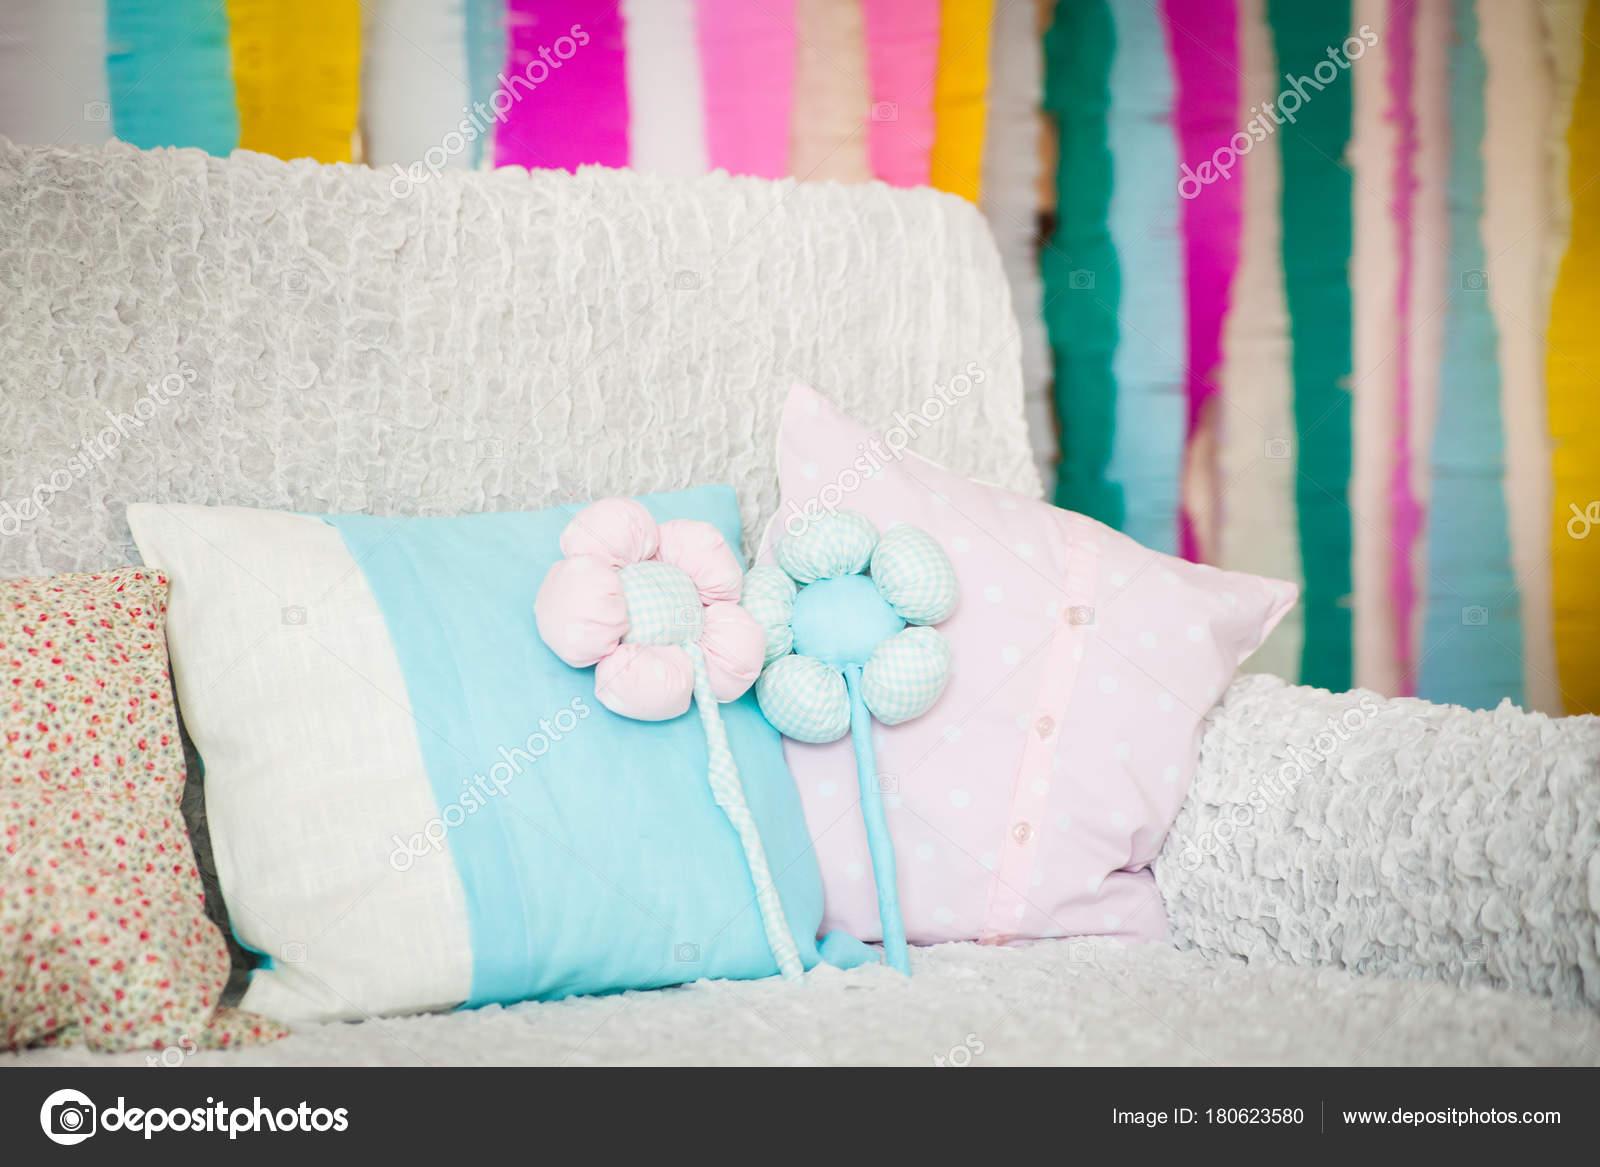 457edcffd Bom pastel travesseiros e têxtil flores com listras coloridas no fundo.  Decoração de Páscoa — Foto de gorchichko